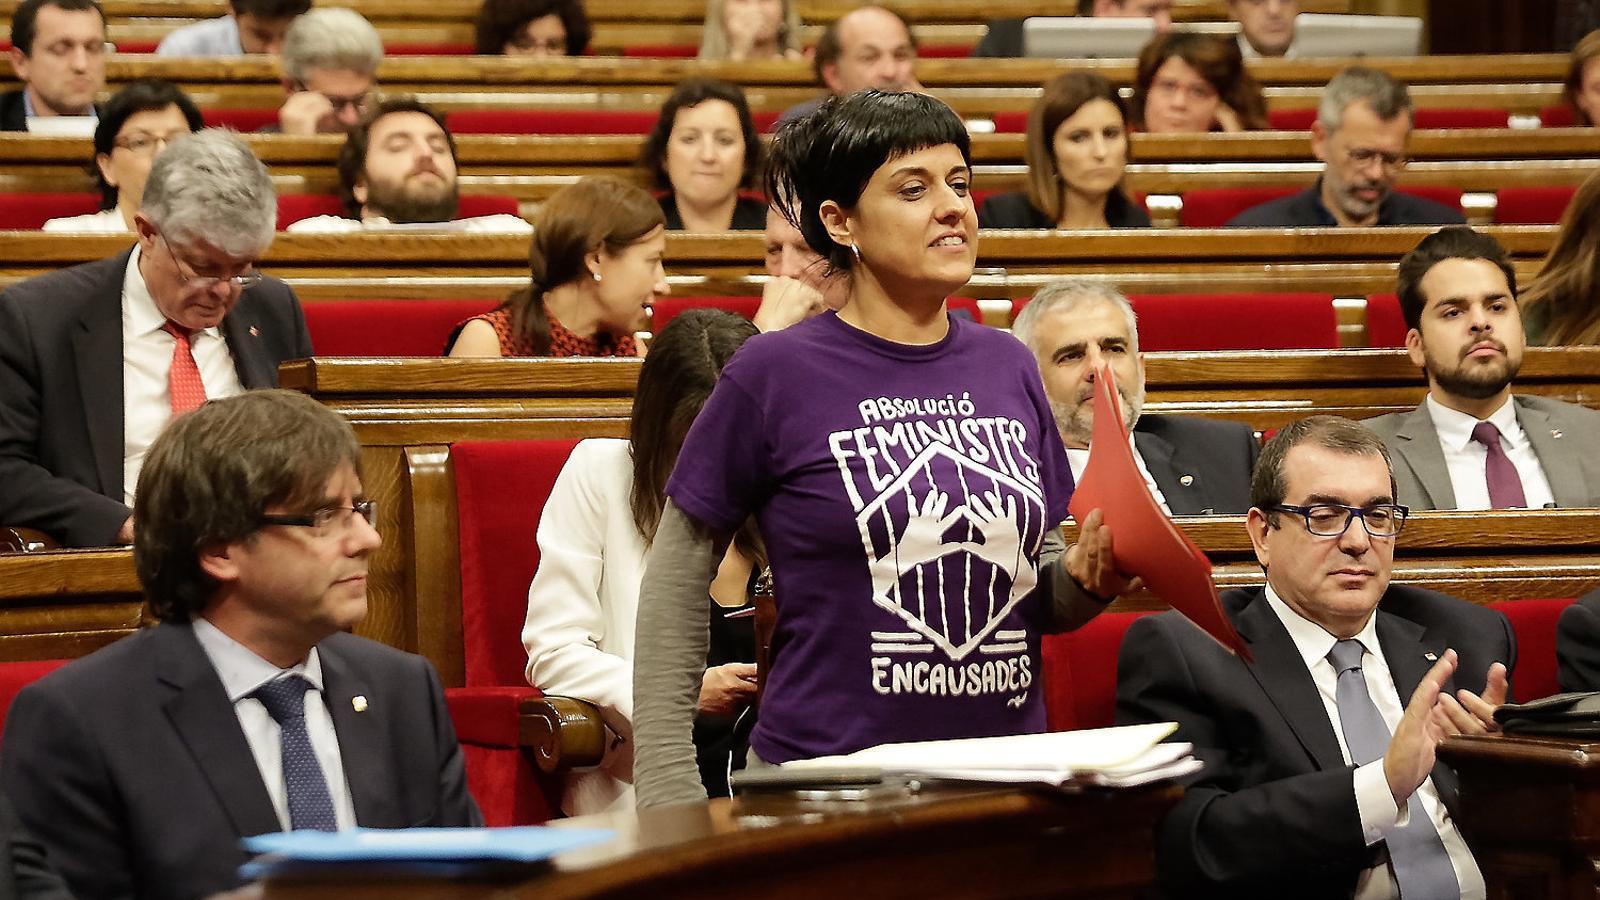 La portaveu de la CUP al Parlament, Anna Gabriel, és un dels diputats que abandonen la cambra catalana.